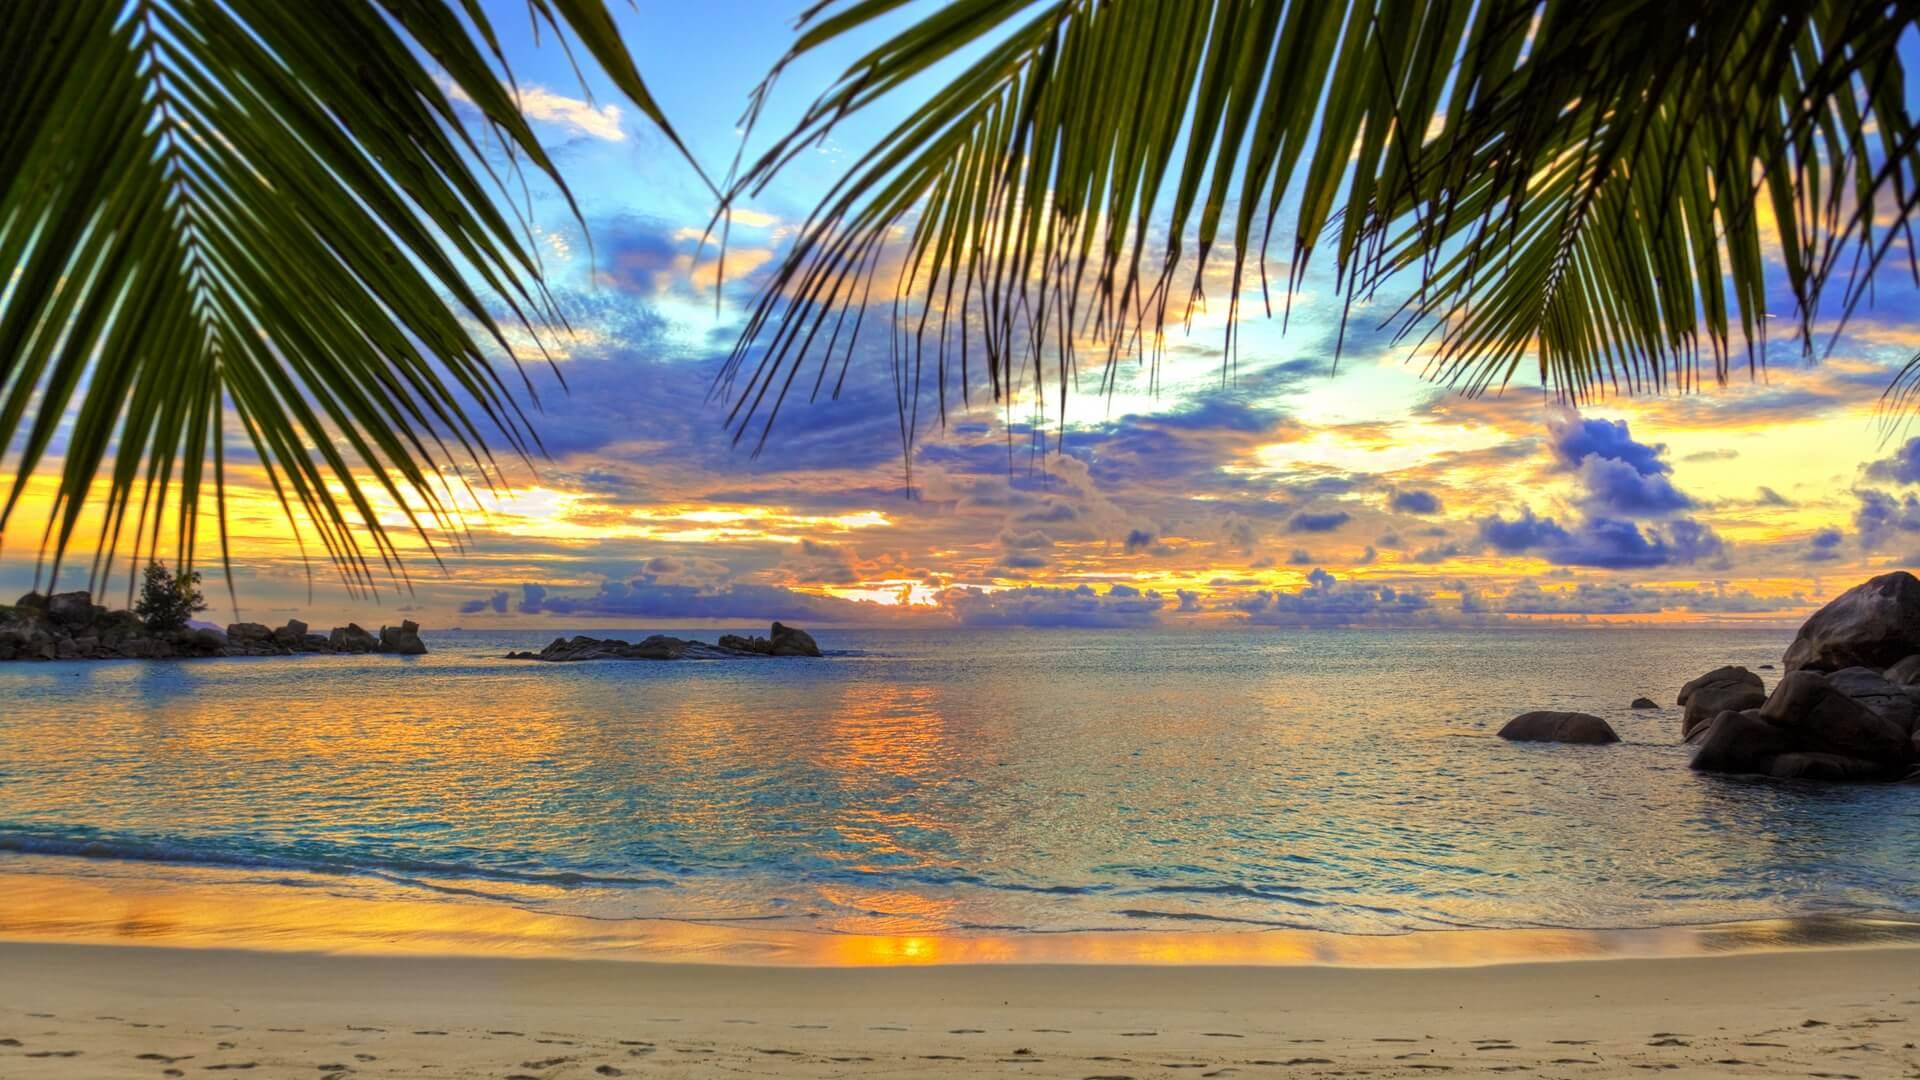 Красивые картинки пляжа для рабочего стола - подборка 9